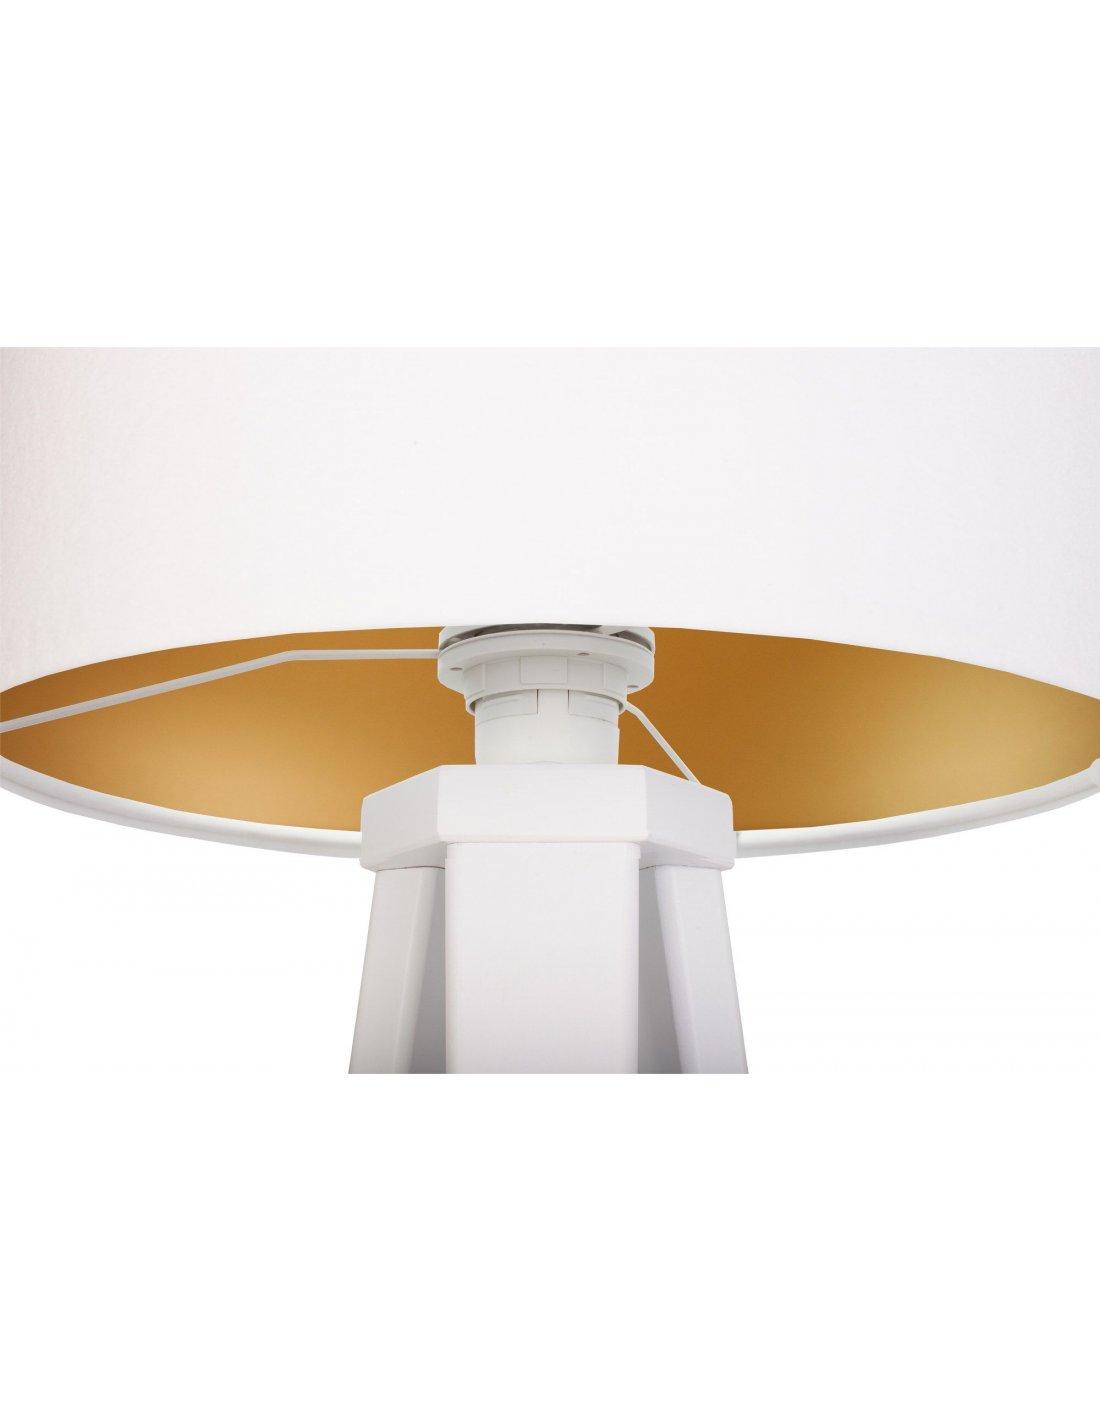 Blanc Avec Velours Glamour DoréBps Intérieur Lampe De Chevet b7yvIYfg6m